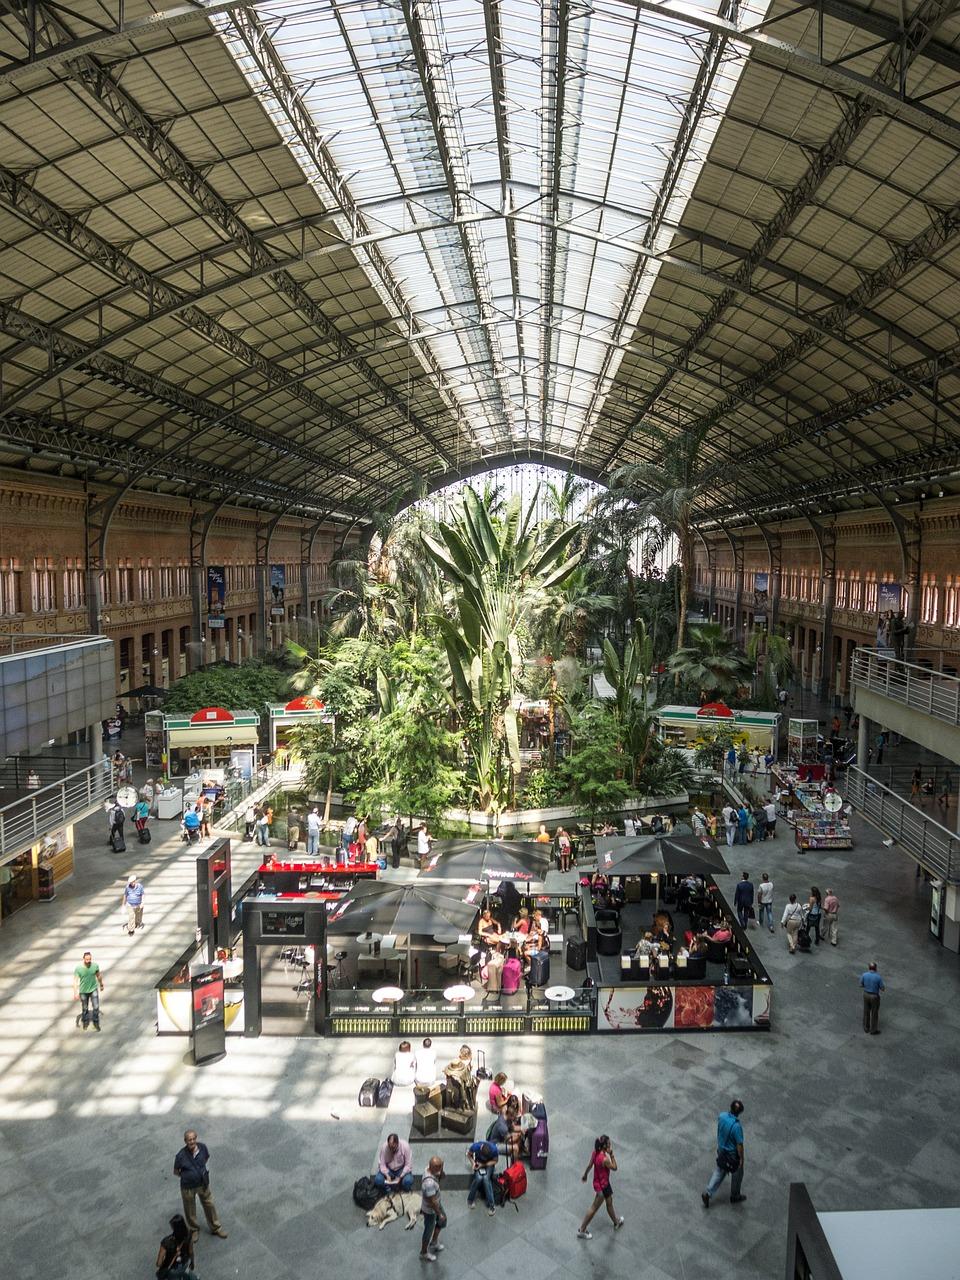 Estación de tren Madrid Atocha